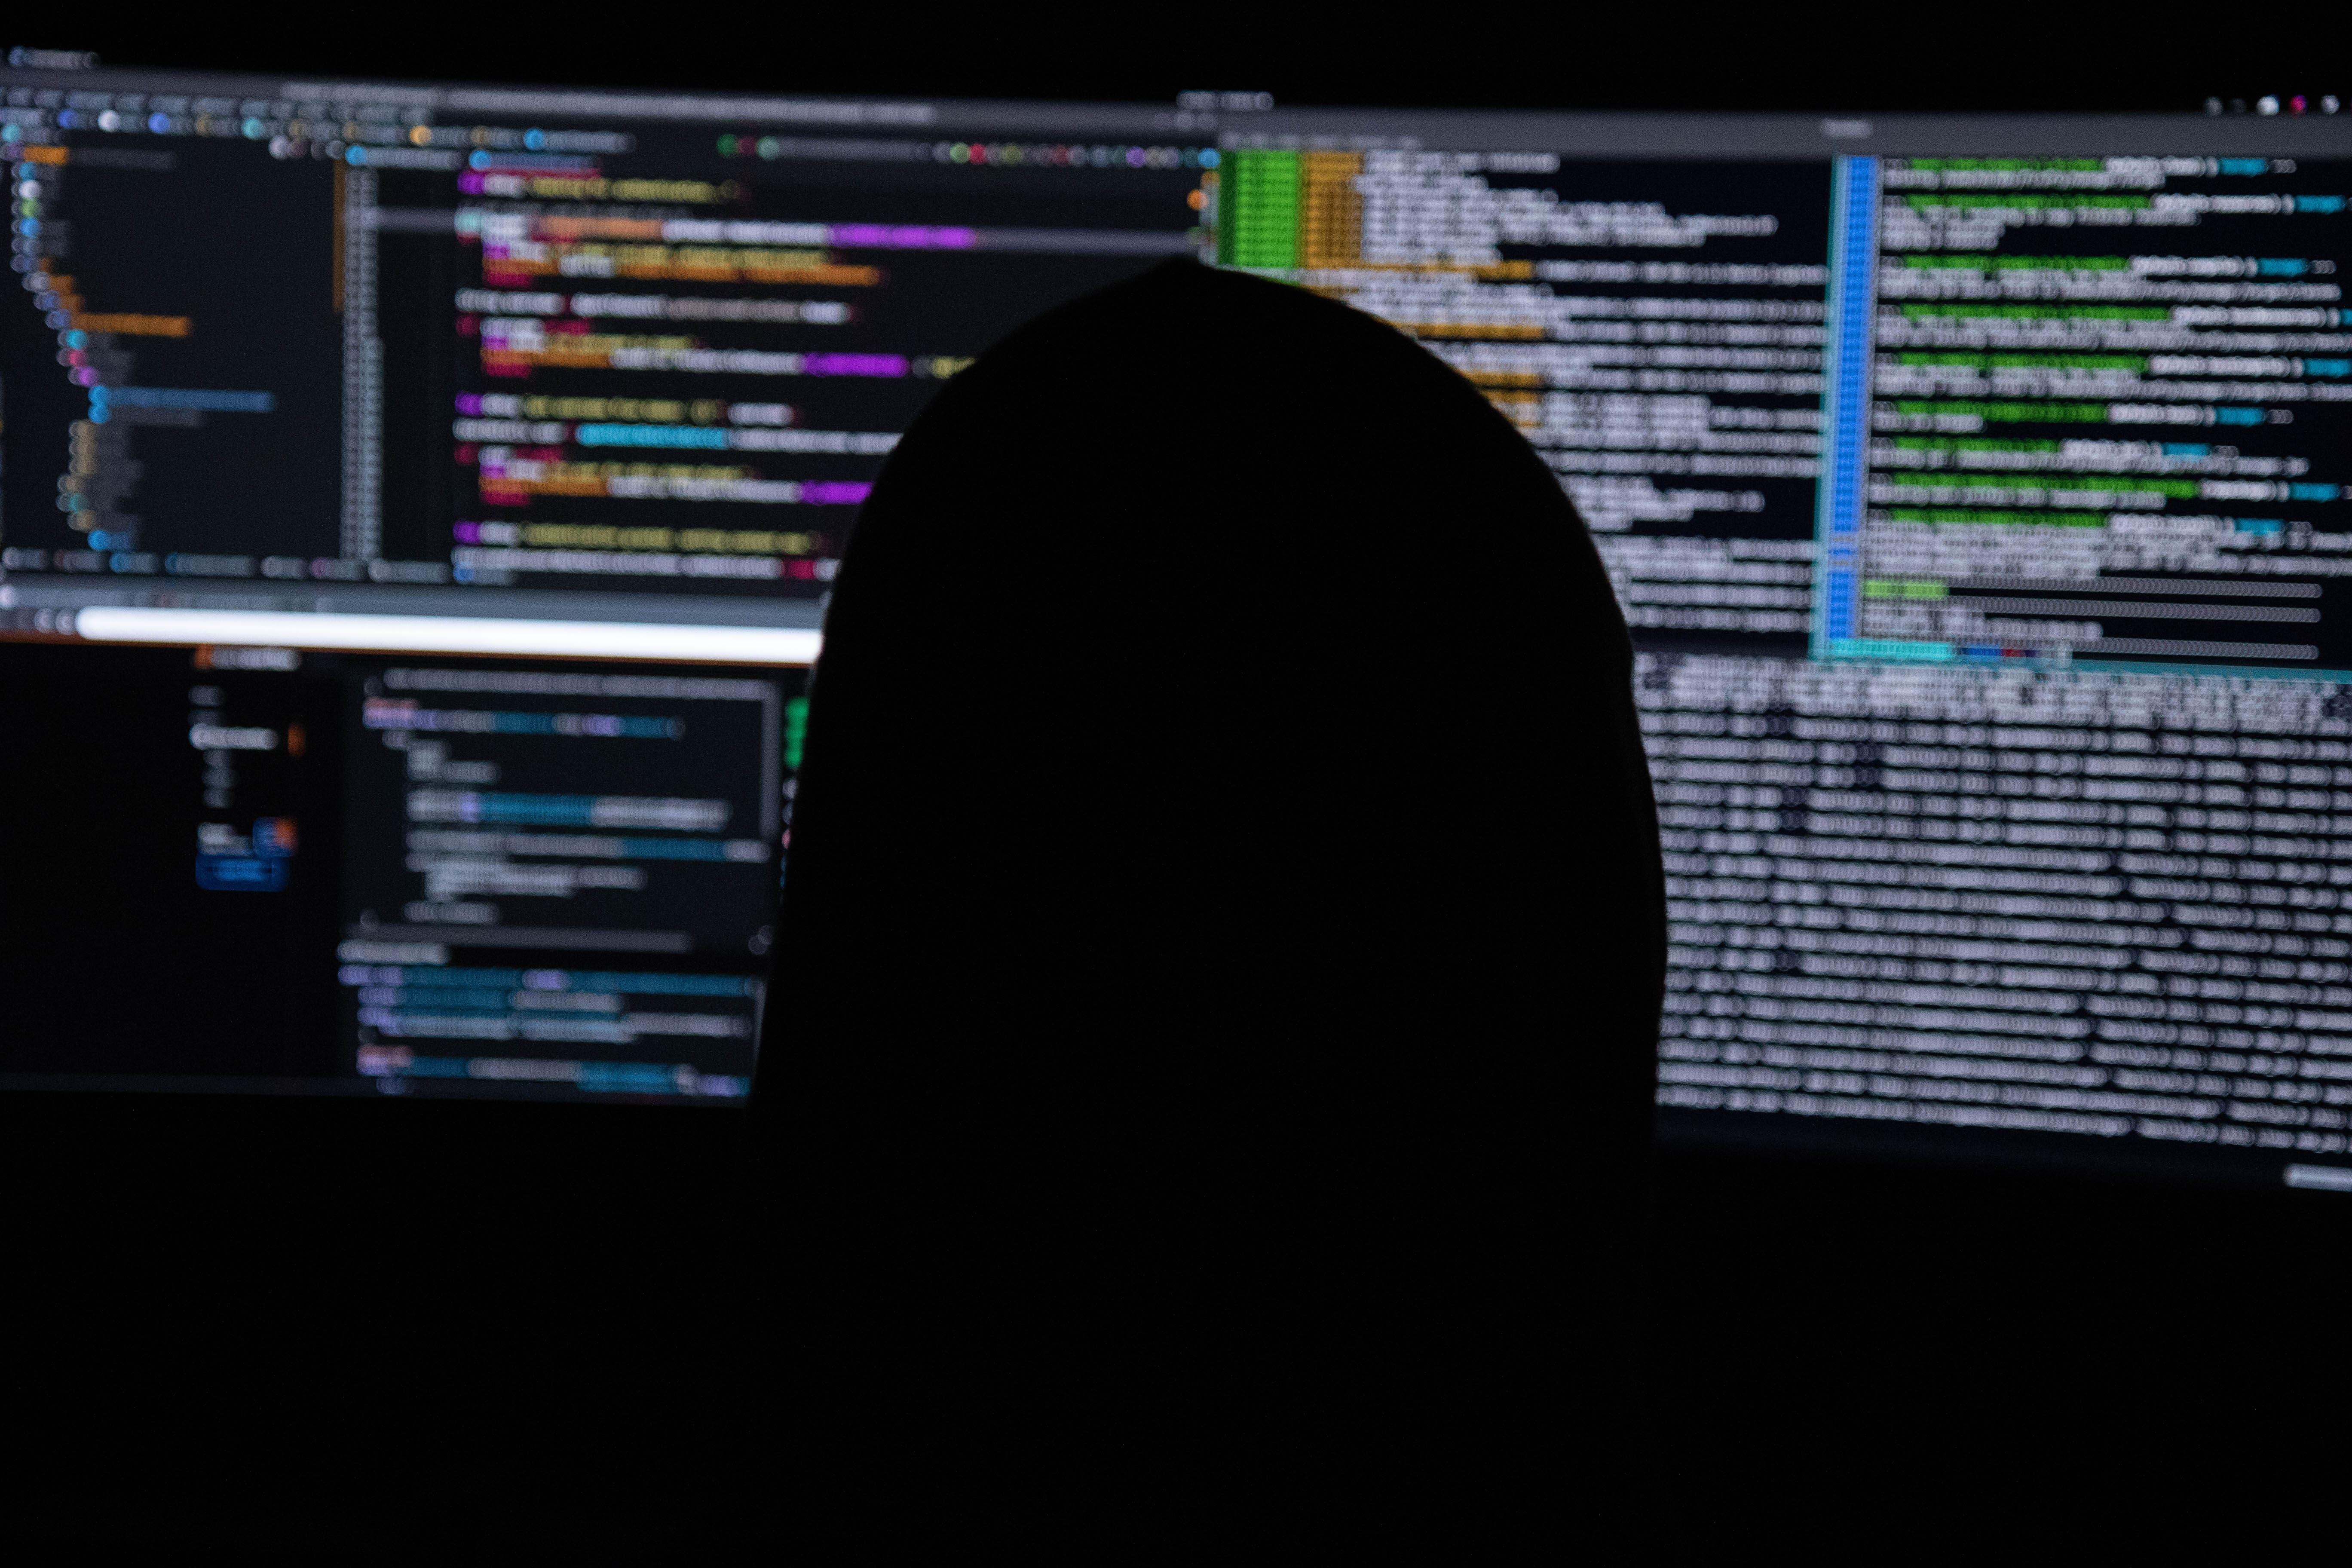 Pessoa utilizando um computador, com uma blusa preta e a tela do notebook com vários terminais abertos